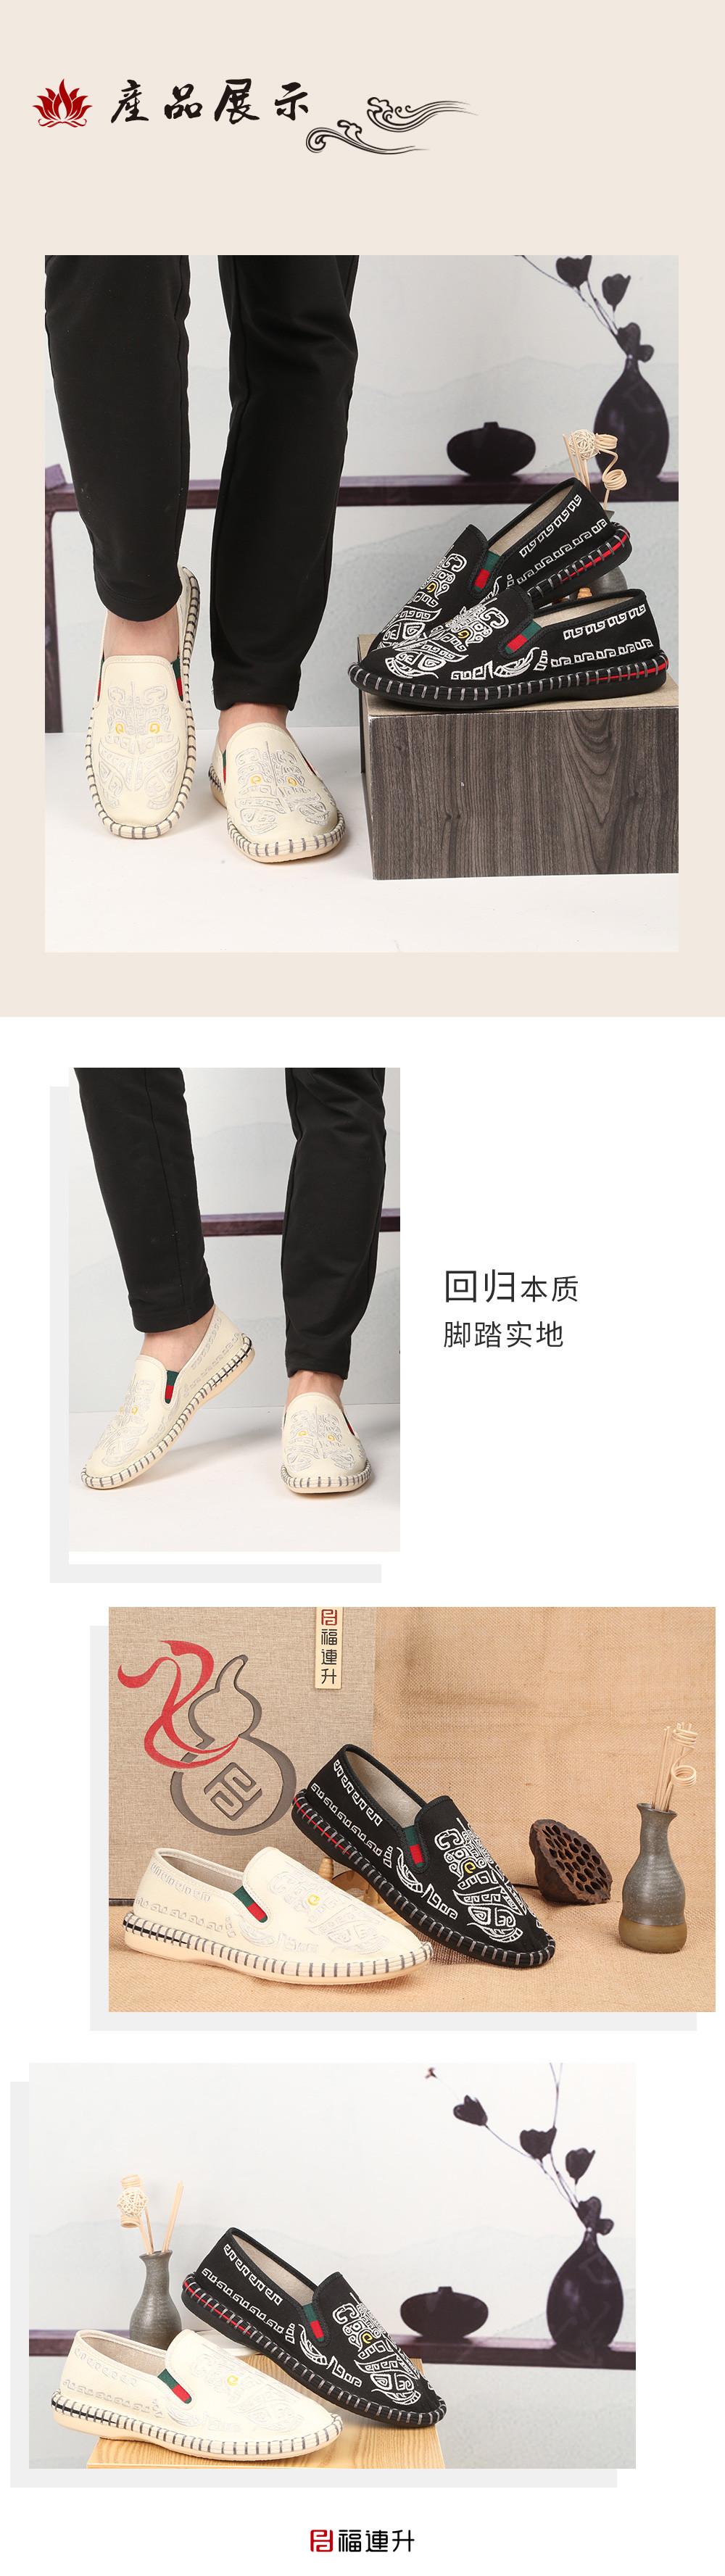 福连升中国风休闲刺绣男鞋绣花透气轻便软底夏款北京布鞋图片